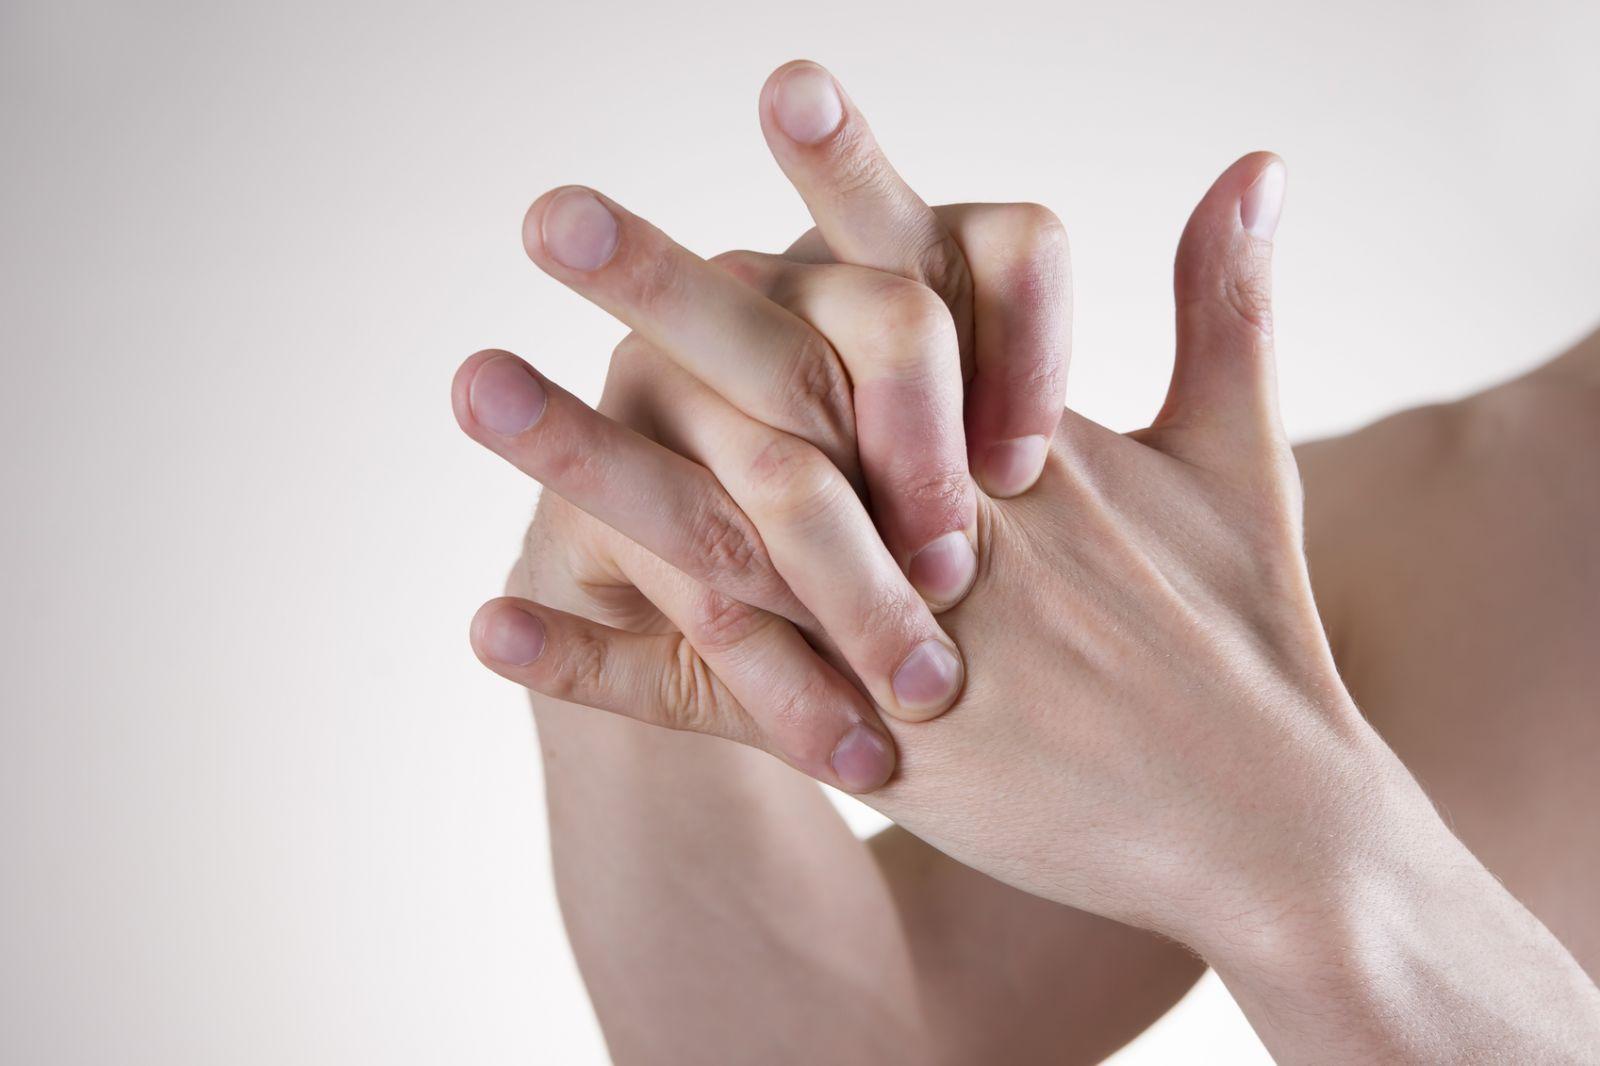 Методы лечения полинейропатии